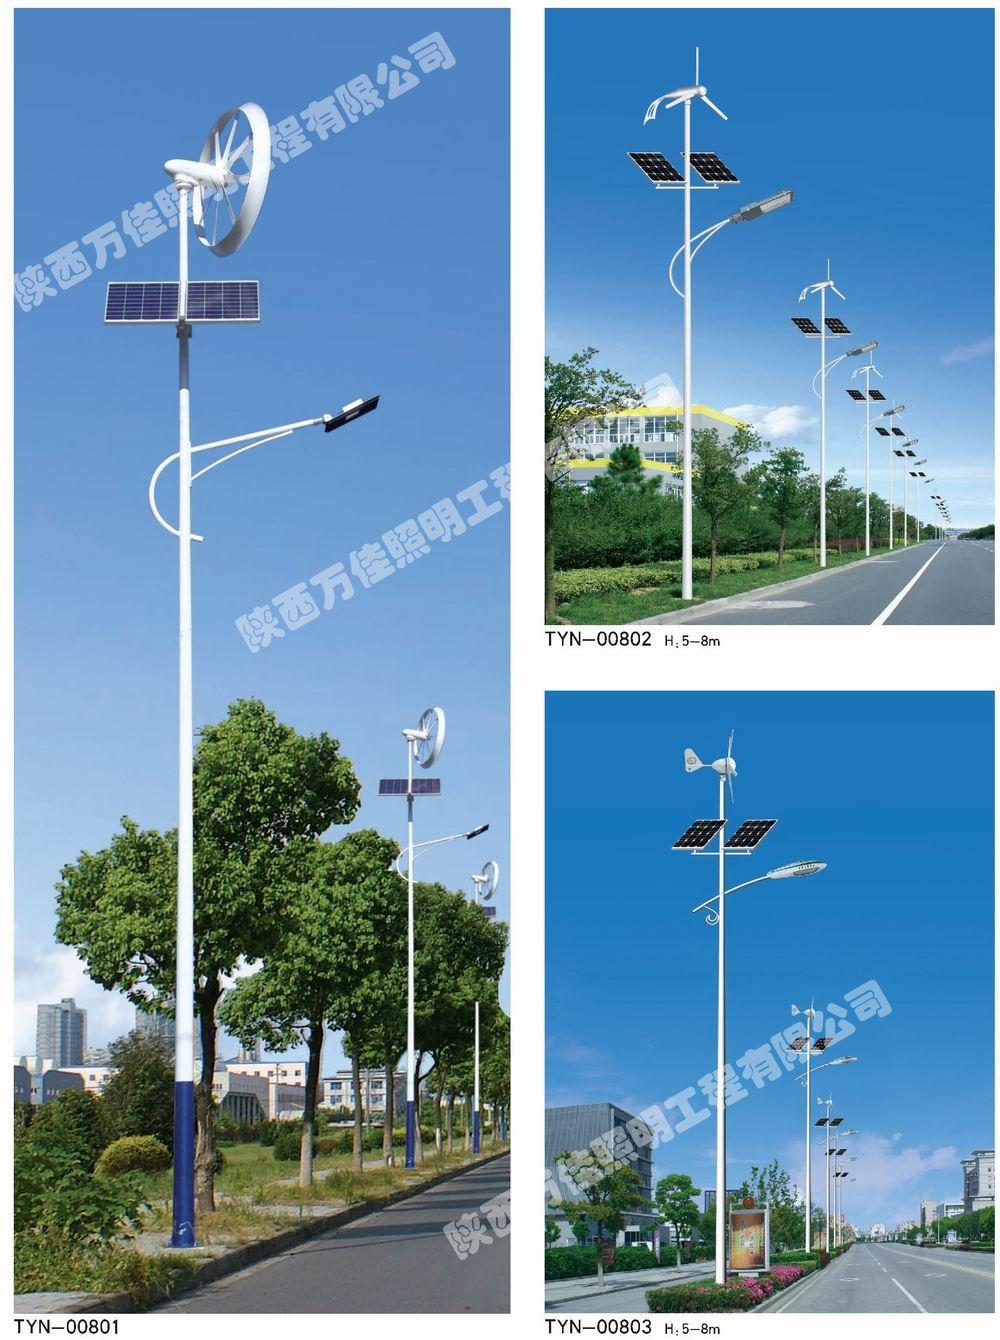 太陽能路燈憑什麽秒殺了傳統路燈?小編帶大家了解一下